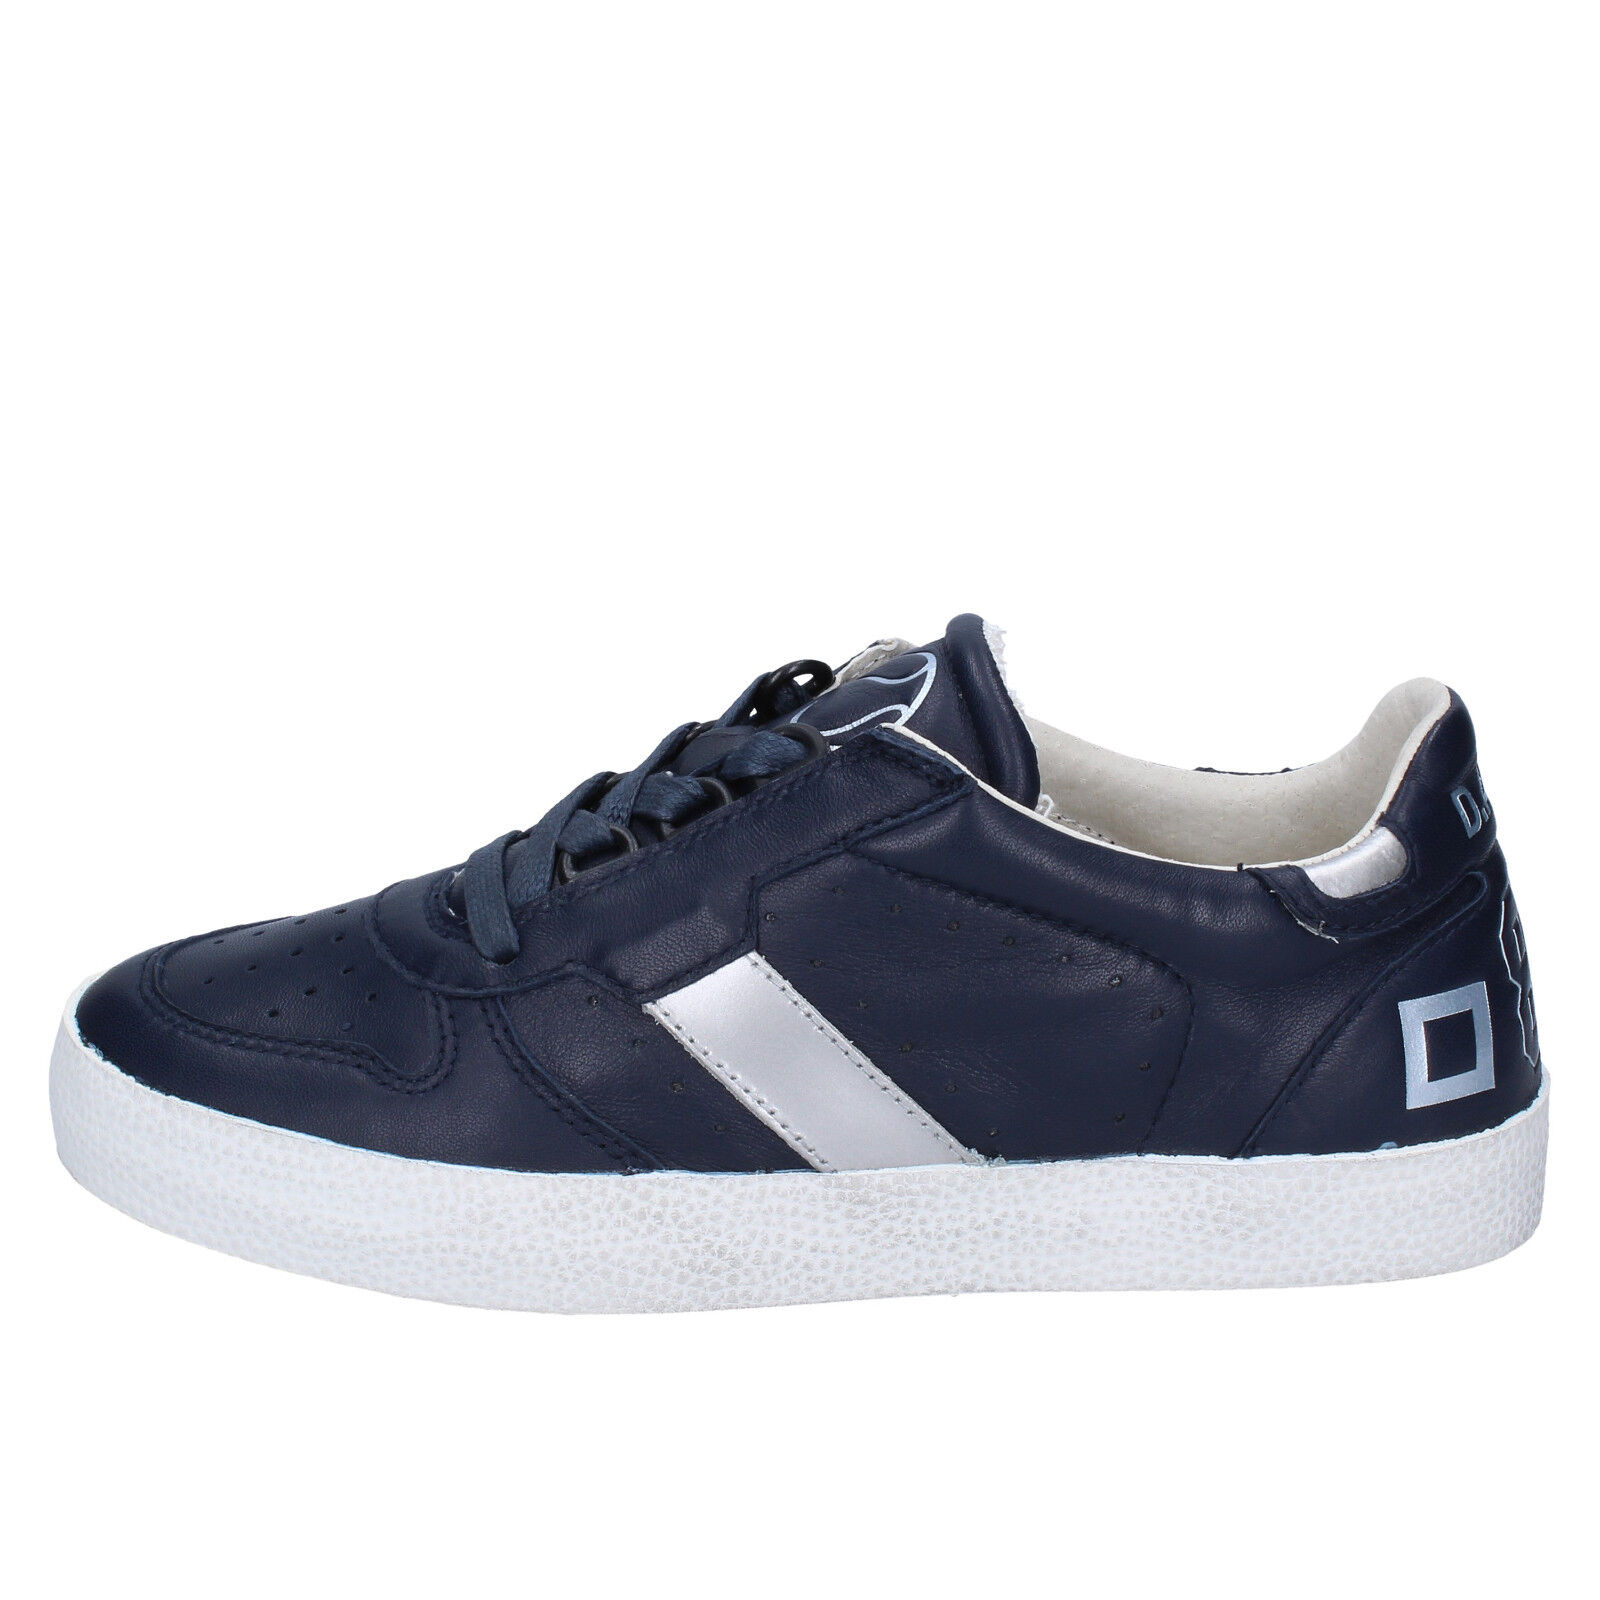 Scarpe donna D.A.T.E. (date) 37 EU scarpe da ginnastica blu pelle BX152-37